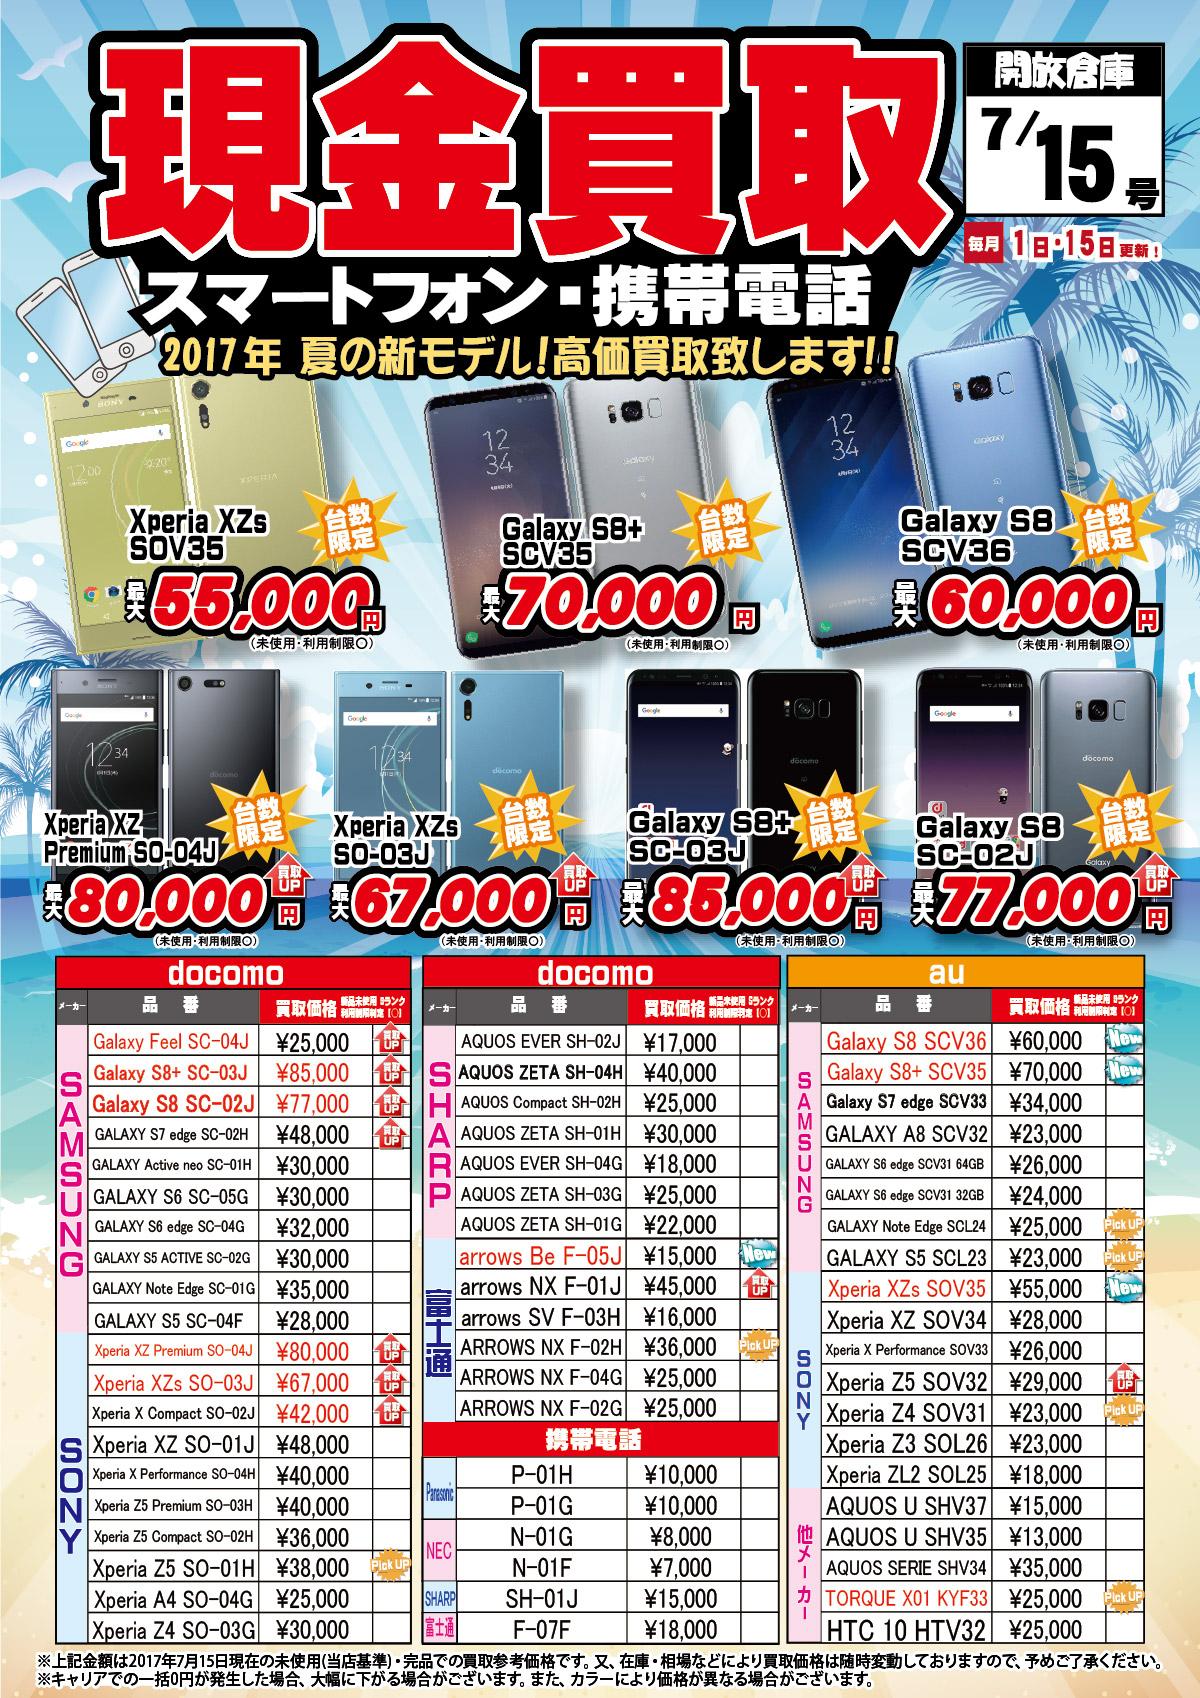 「開放倉庫山城店」2017.07/15号<スマートフォン・携帯電話>現金買取2017年夏の新モデル!高価買取致します!!SOV35、SCV35、SCV36、SO-04J、SO-03J、SC-03J、SC-02Jなど台数限定!高価買取!